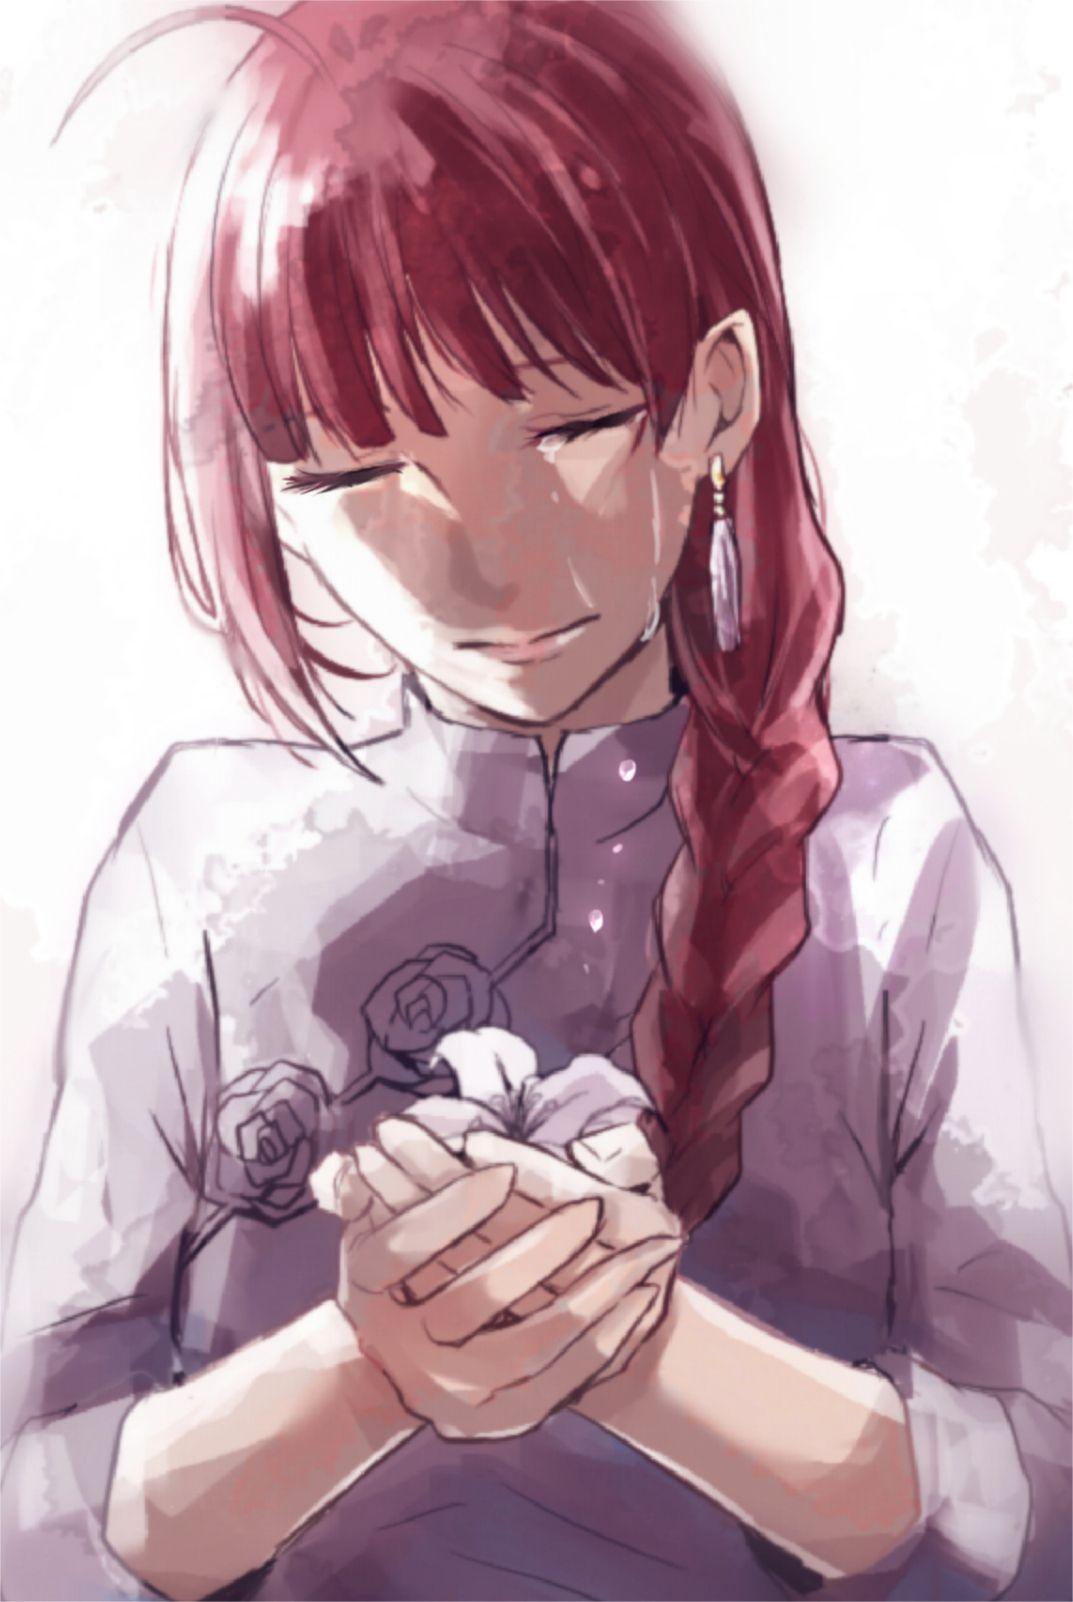 PinterestKouka GinTama Anime images, Yato, Anime